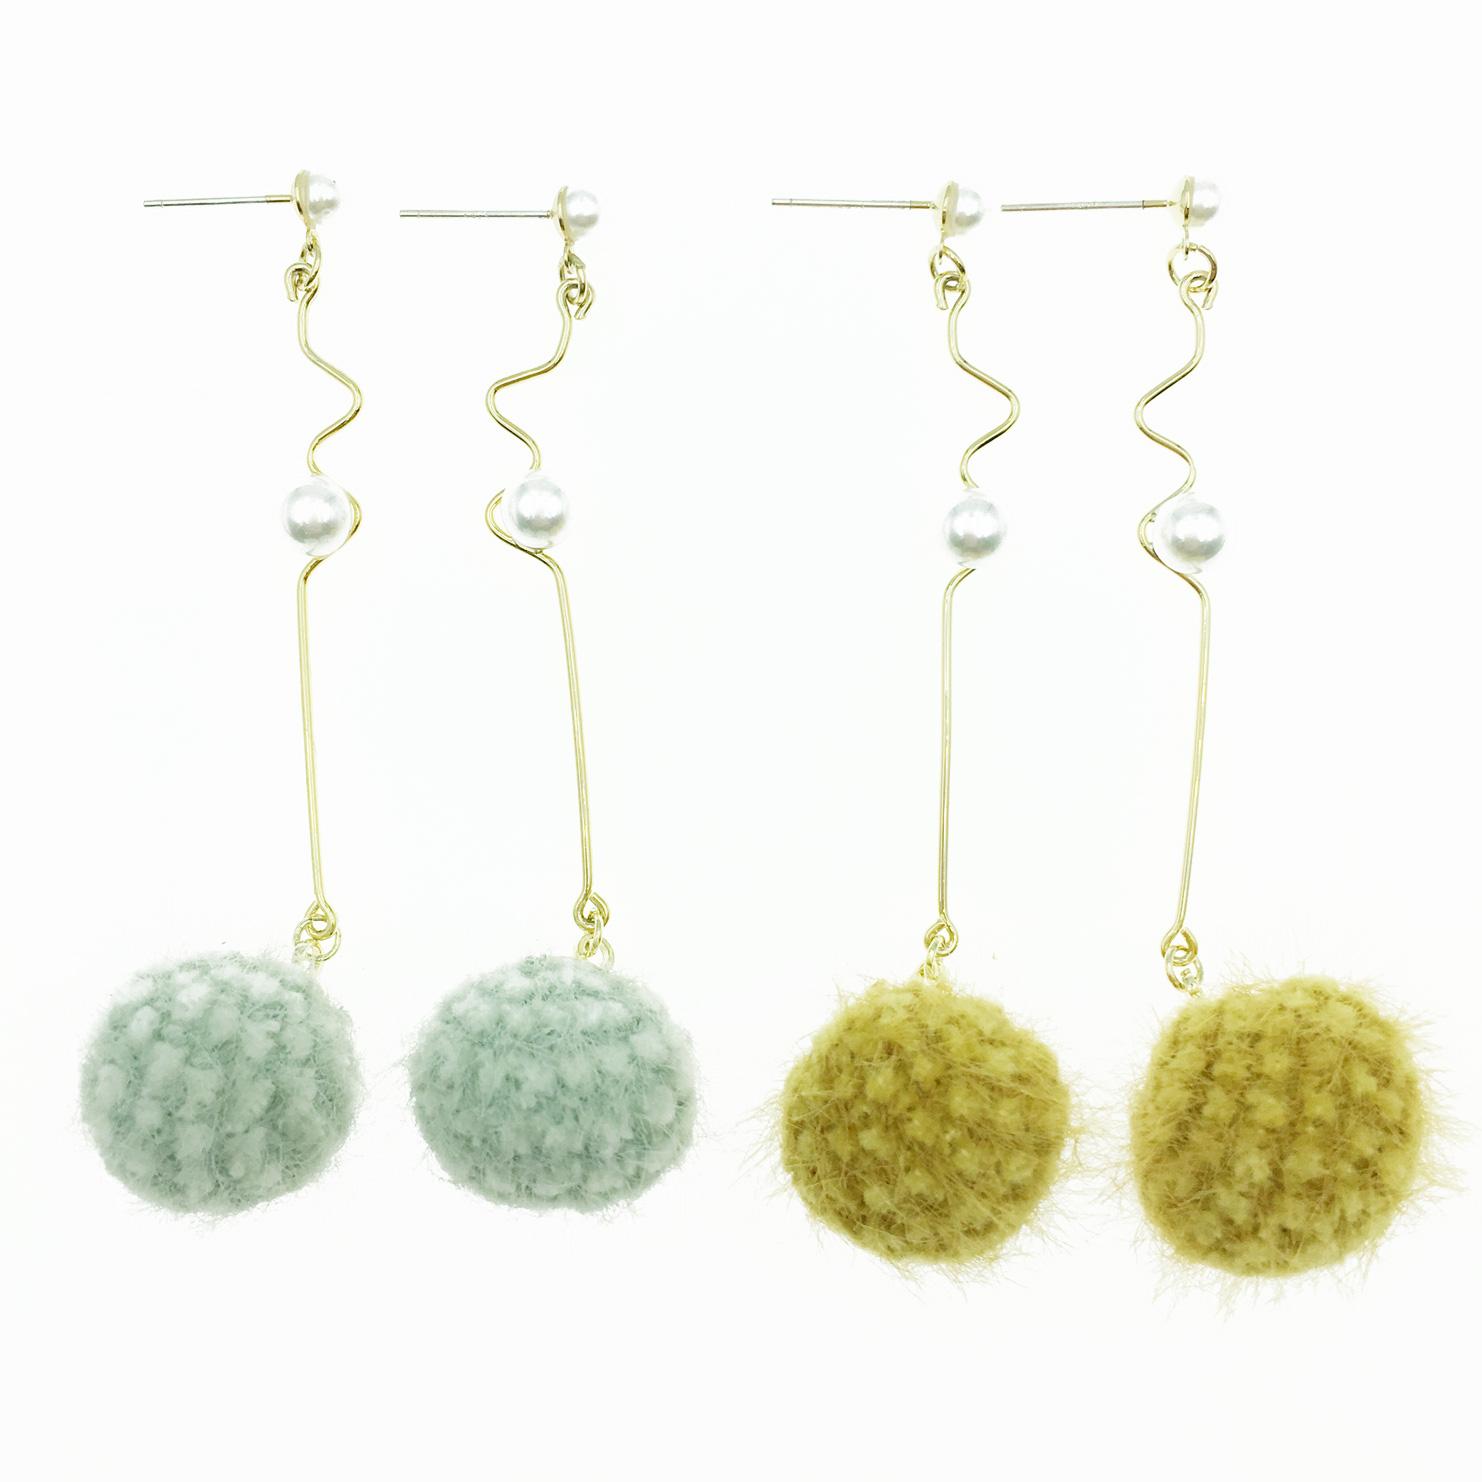 韓國 925純銀 毛球 珍珠 金波動曲線 2色 垂墜感 耳針式耳環